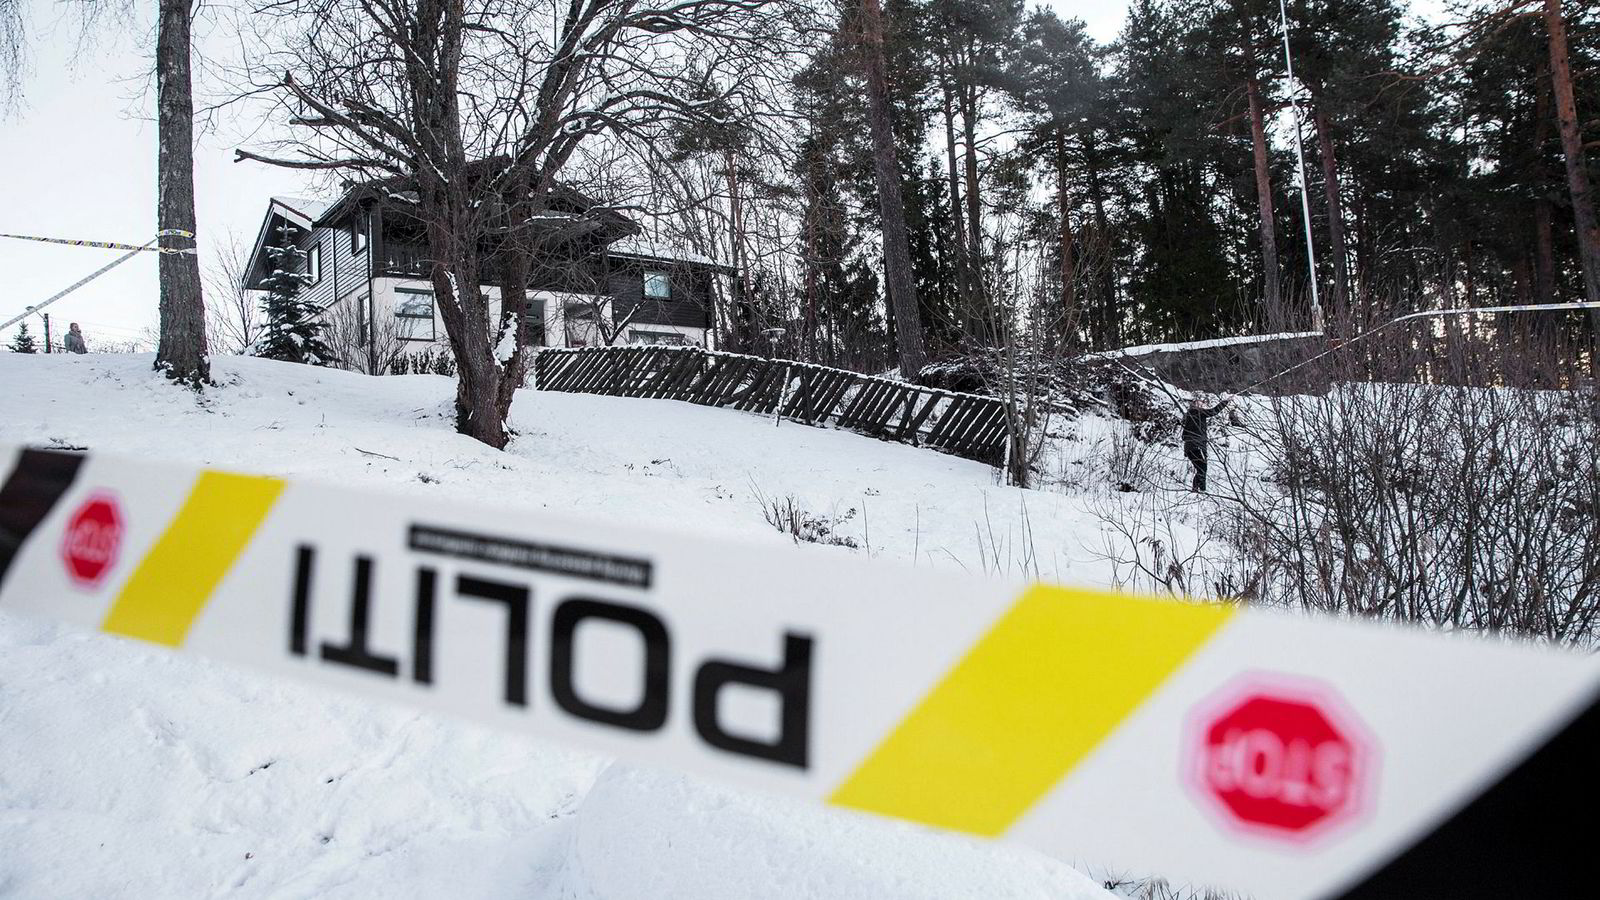 Anne-Elisabeth Falkevik Hagen, kona til en av Norges rikeste, har vært borte i ti uker. Onsdag var politiet på plass i boligen der hun sist ble sett.